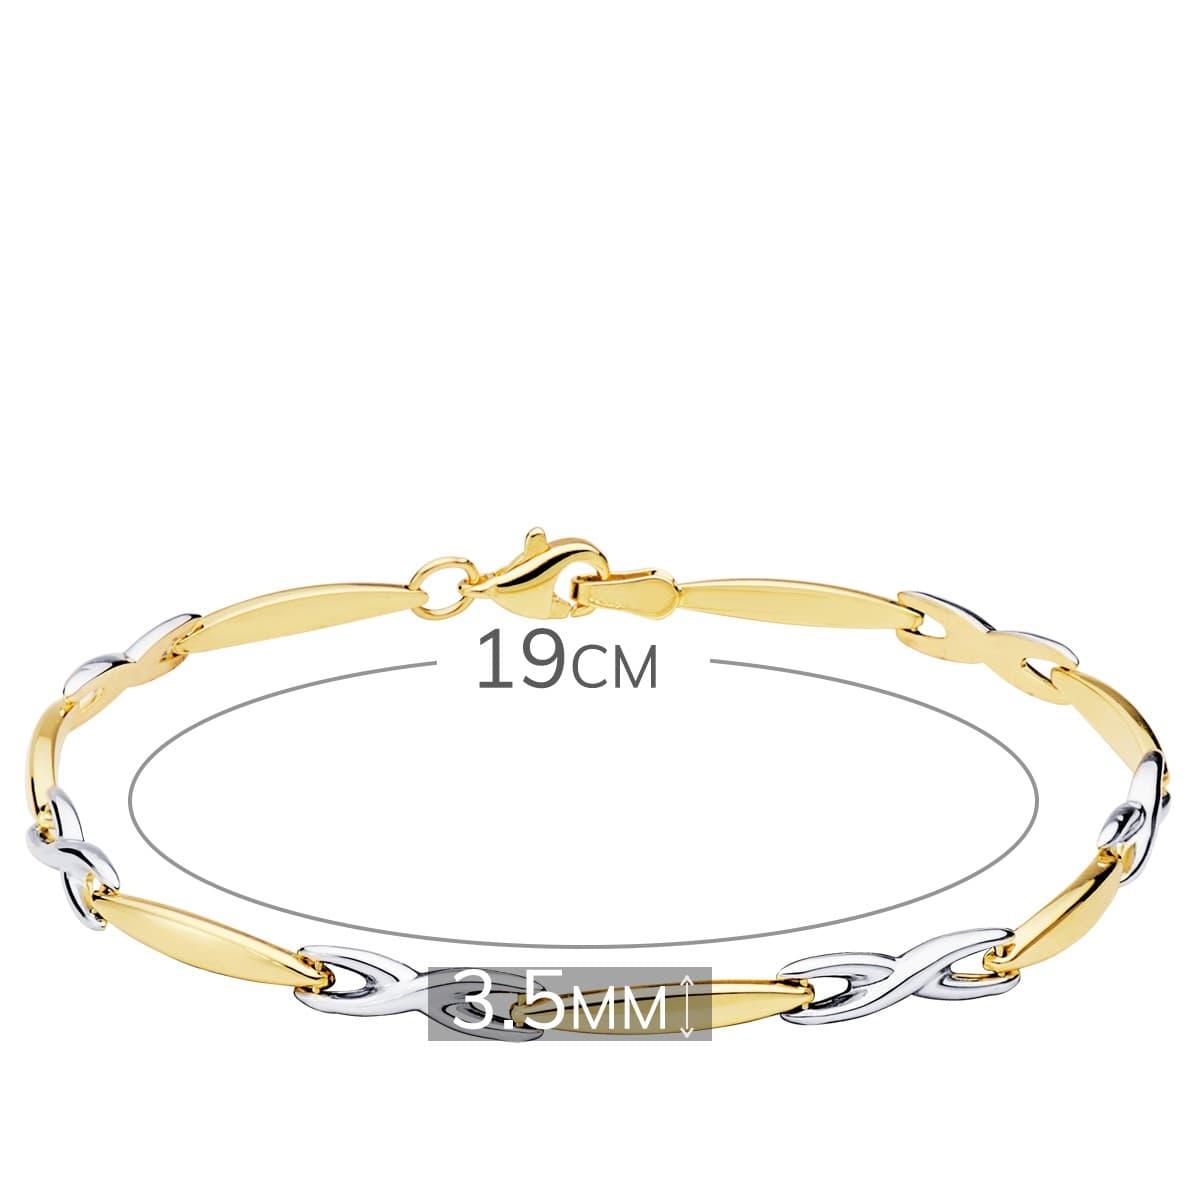 06b4173d258f ... Pulsera estampación Mujer Estambul Oro Bicolor 18K 750 eslabones